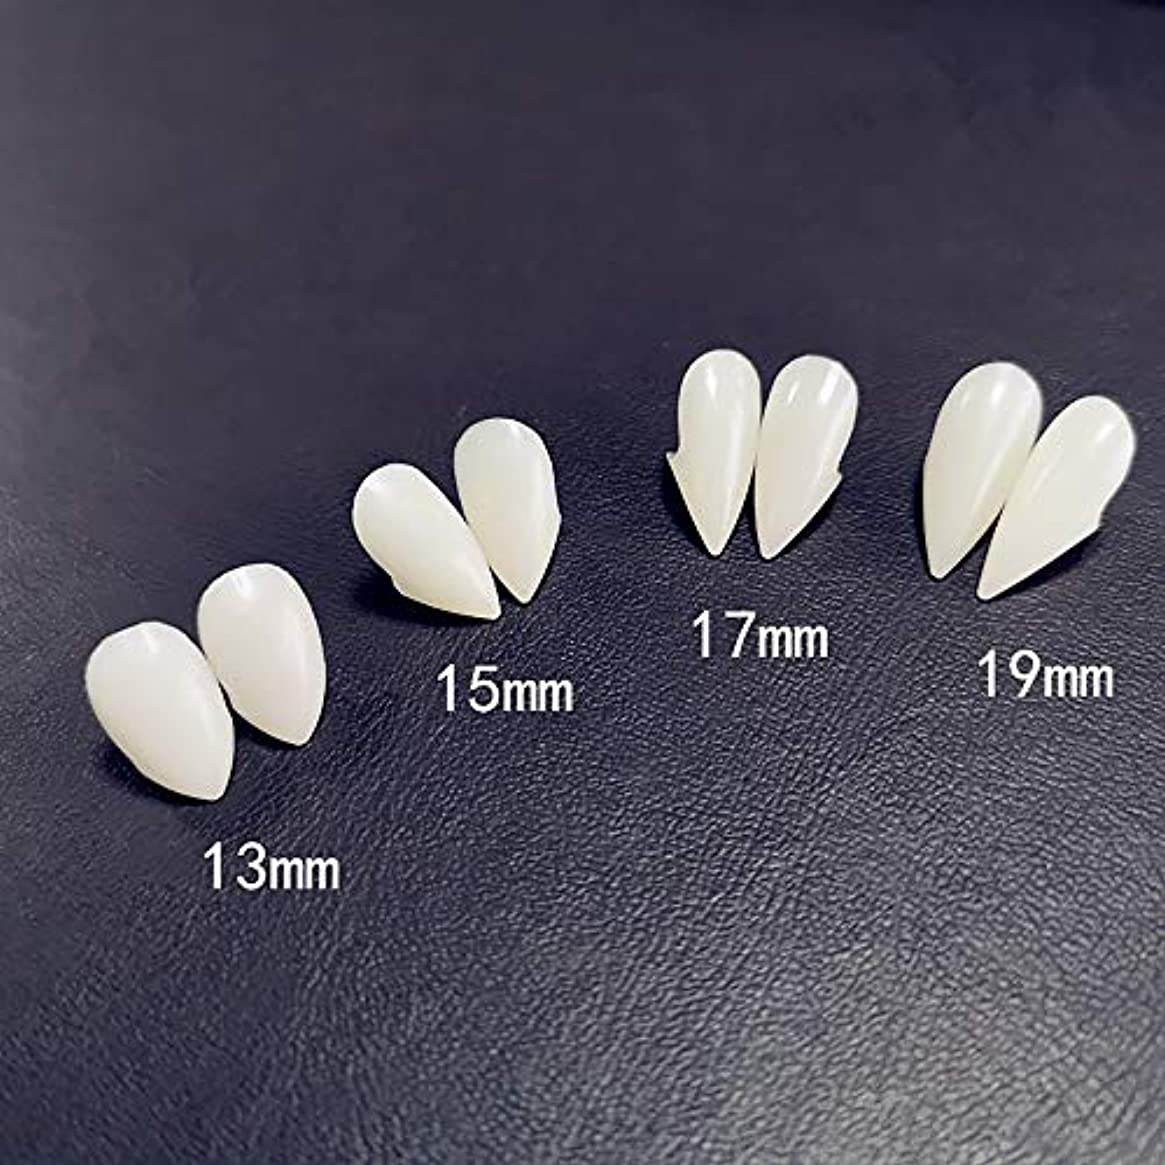 全く夜明けに階下4サイズ義歯歯牙牙義歯小道具ハロウィンコスチューム小道具パーティーの好意休日diy装飾ホラー大人のための子供-6ペア,19mm